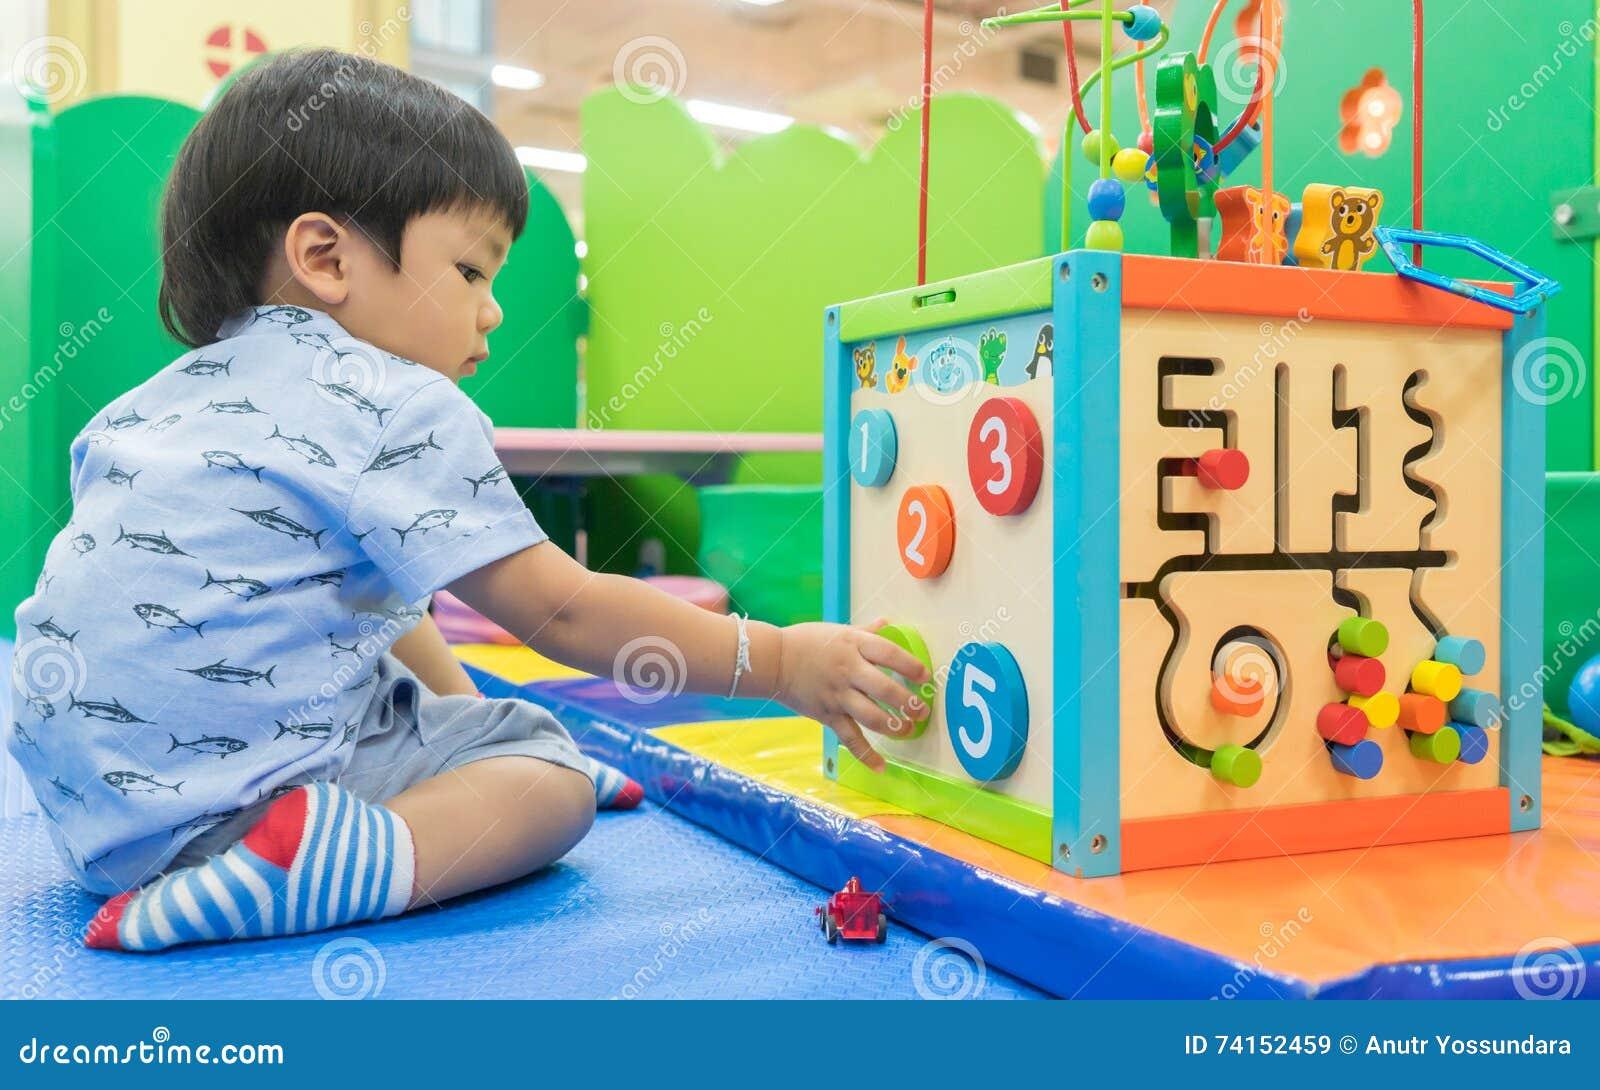 Asiatisches Baby, das mit pädagogischem Spielzeug spielt